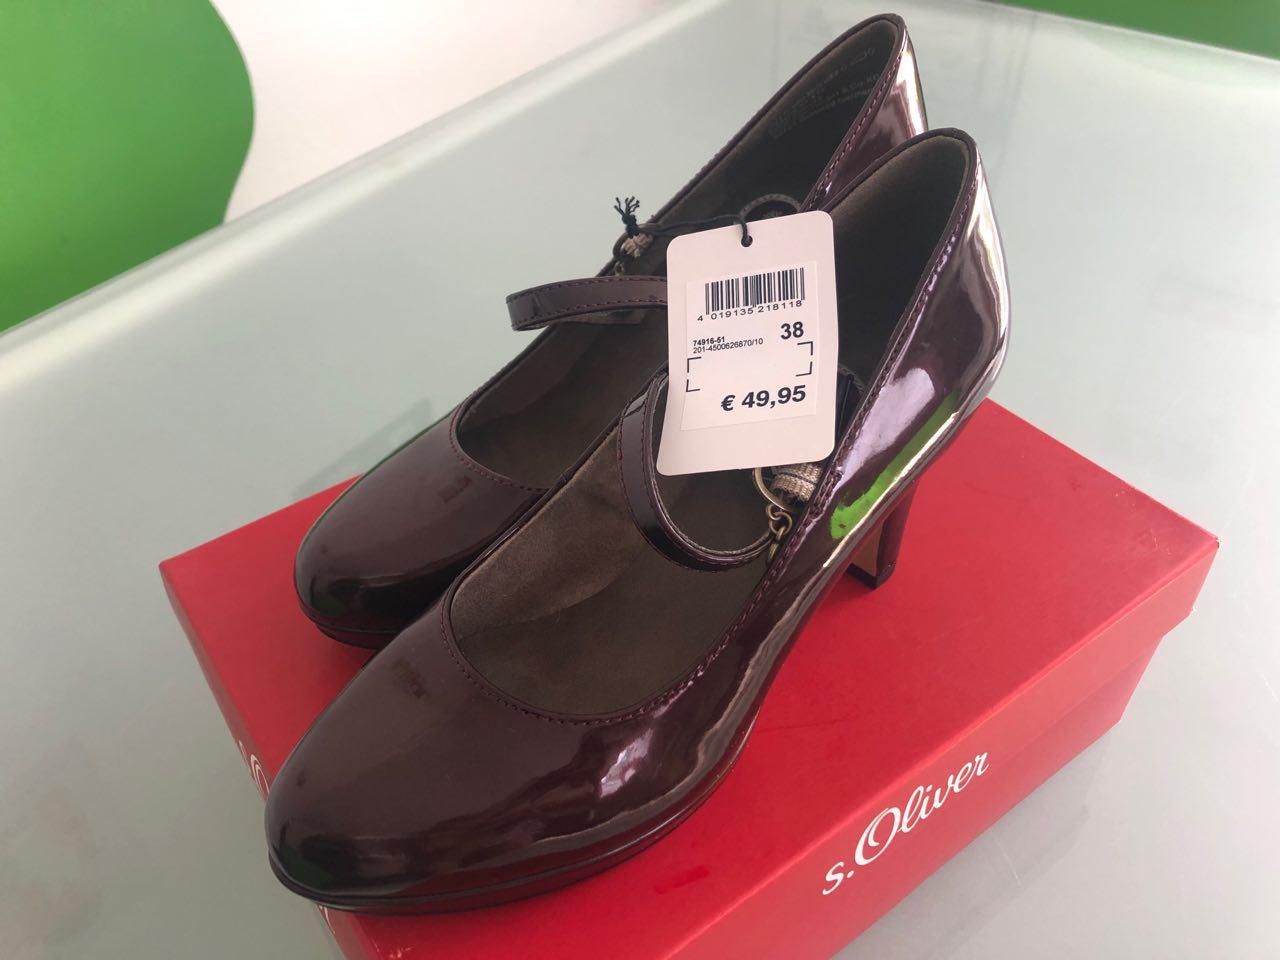 Bild Nummer 2 von Damen Unpaar-Schuhe Pumps S. Oliver li. 37 re. 38 Riemchen Absatz glänzend